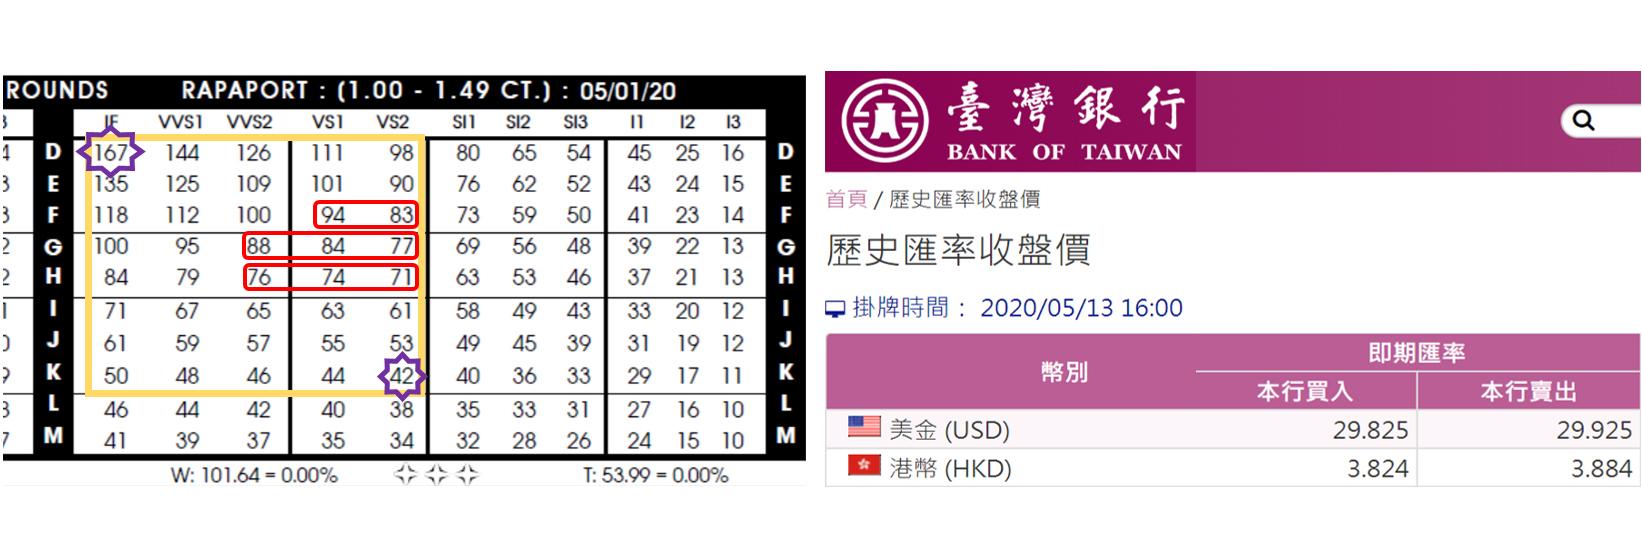 △圖左是 Rapaport 國際鑽石基礎報價,圖右是台灣銀行掛牌匯率 29.925 我們取整數 30